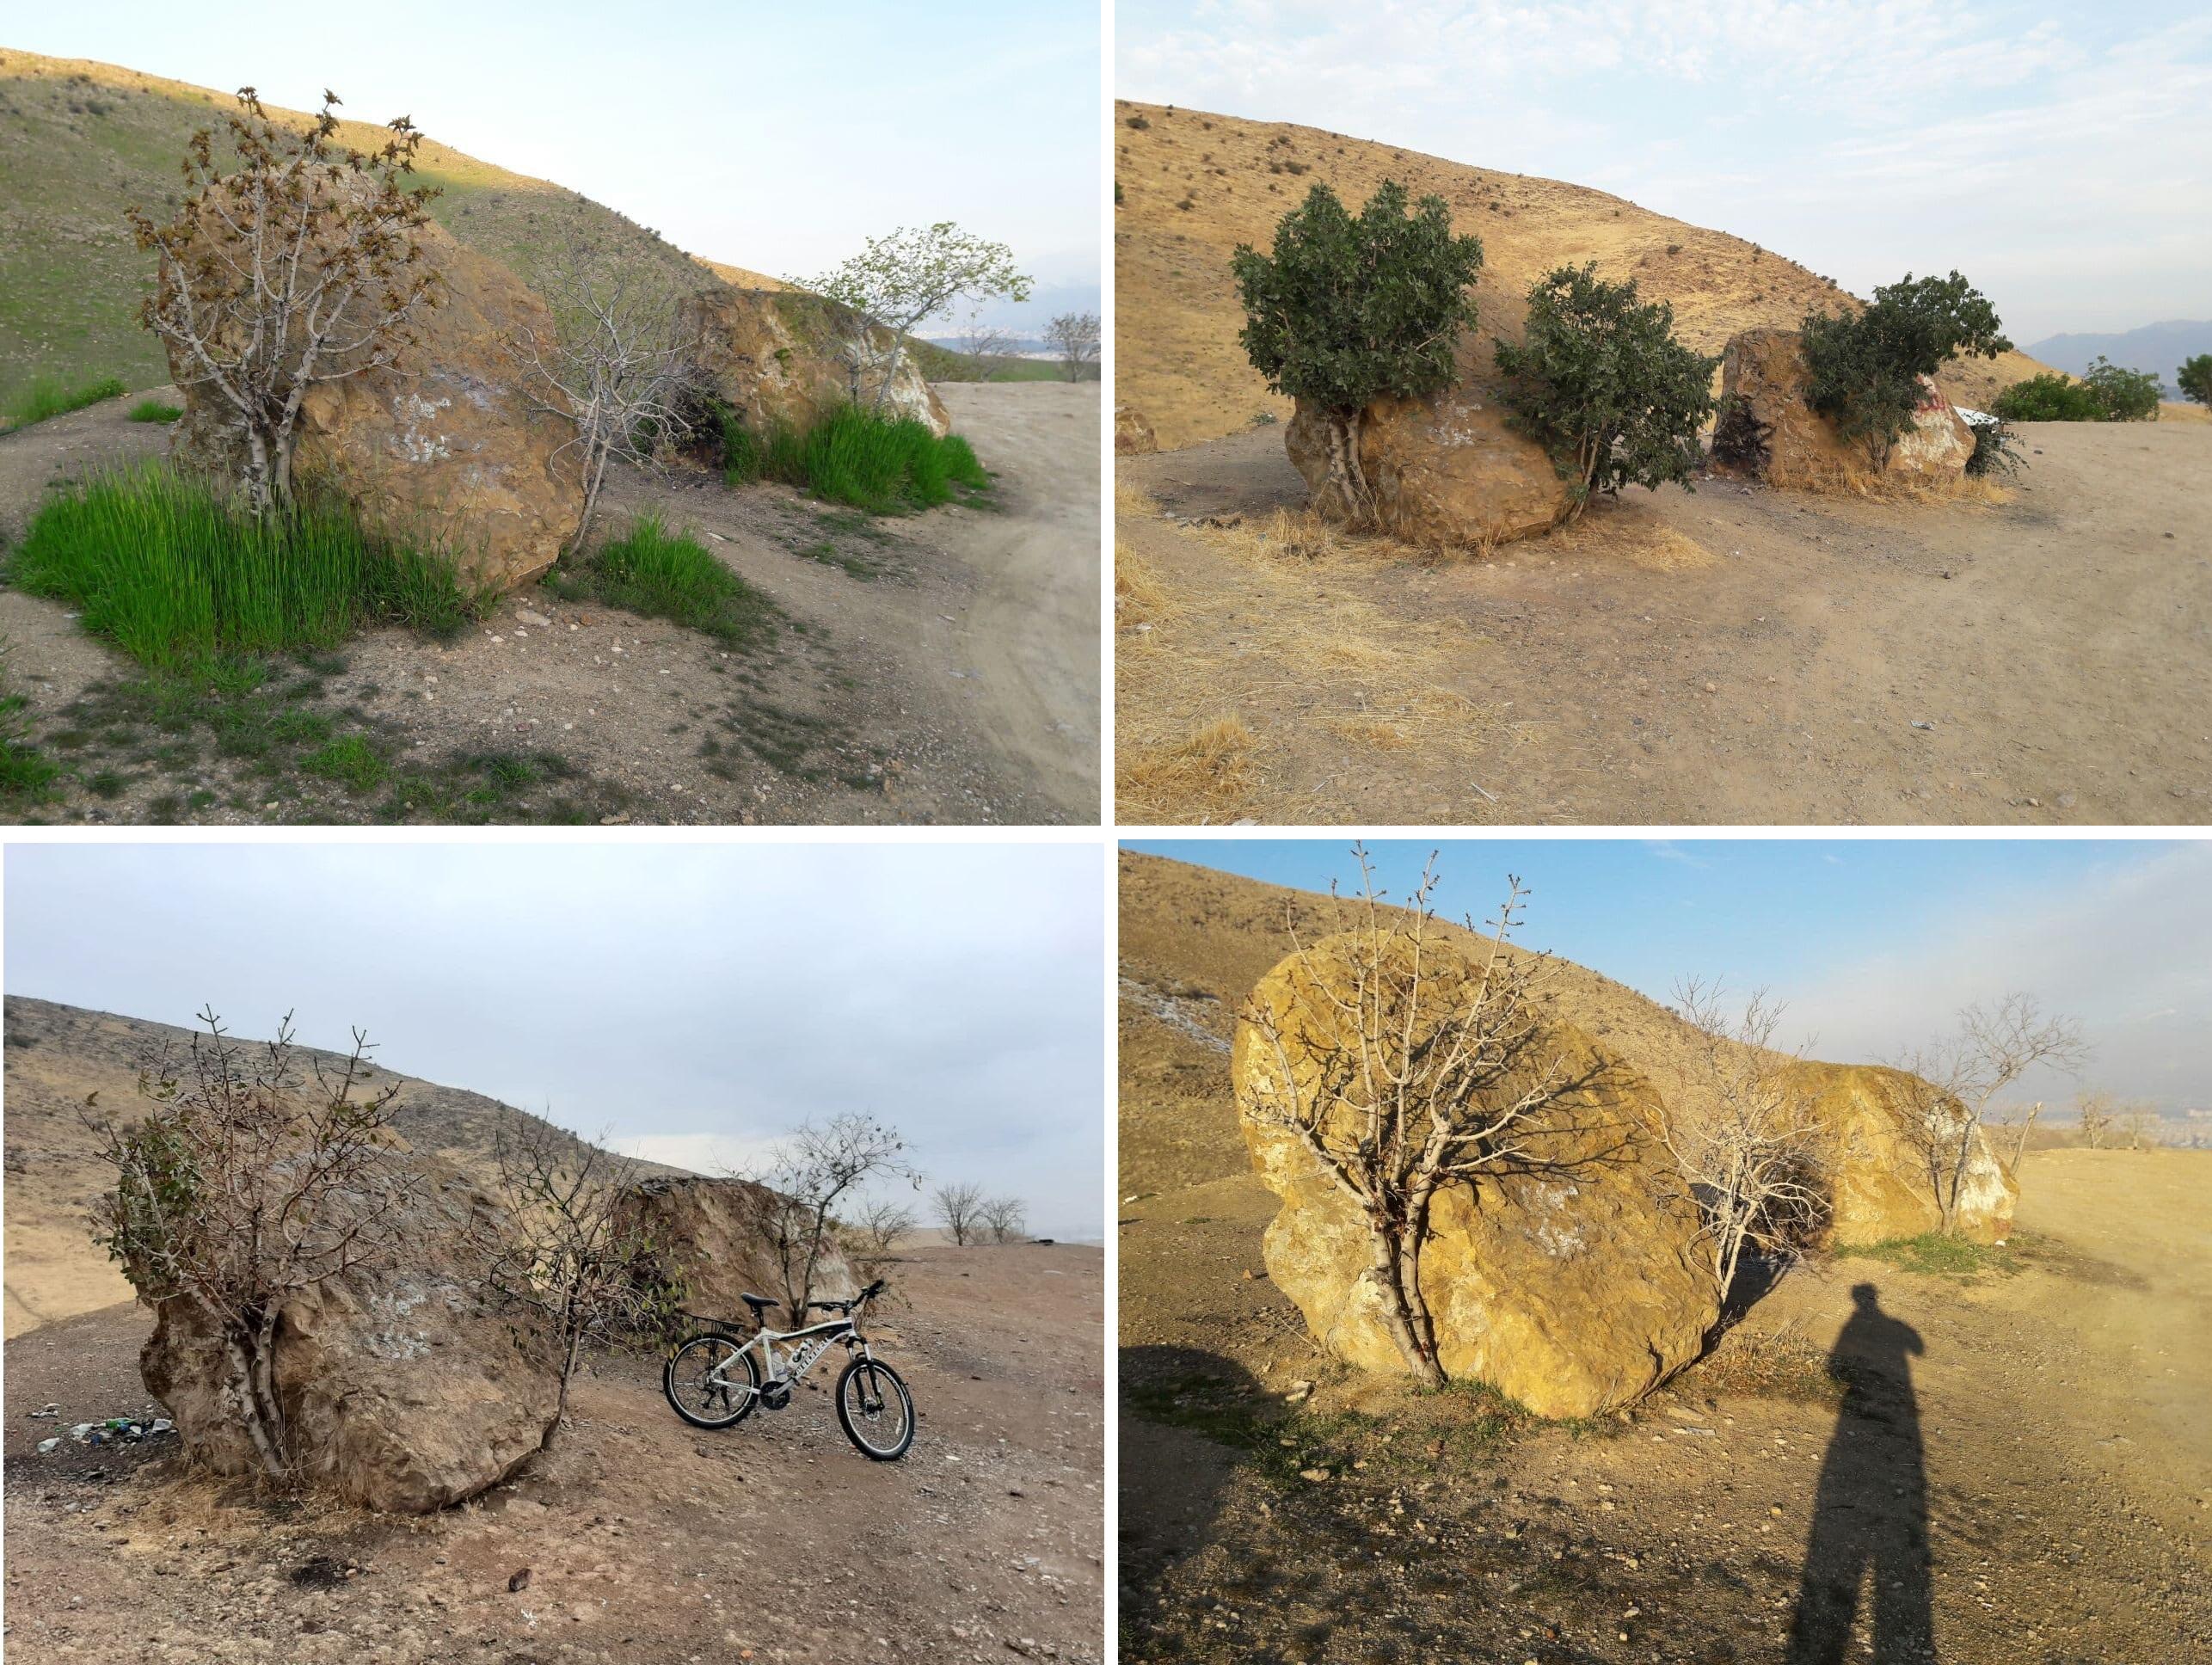 سه درختون در چهار فصل سال